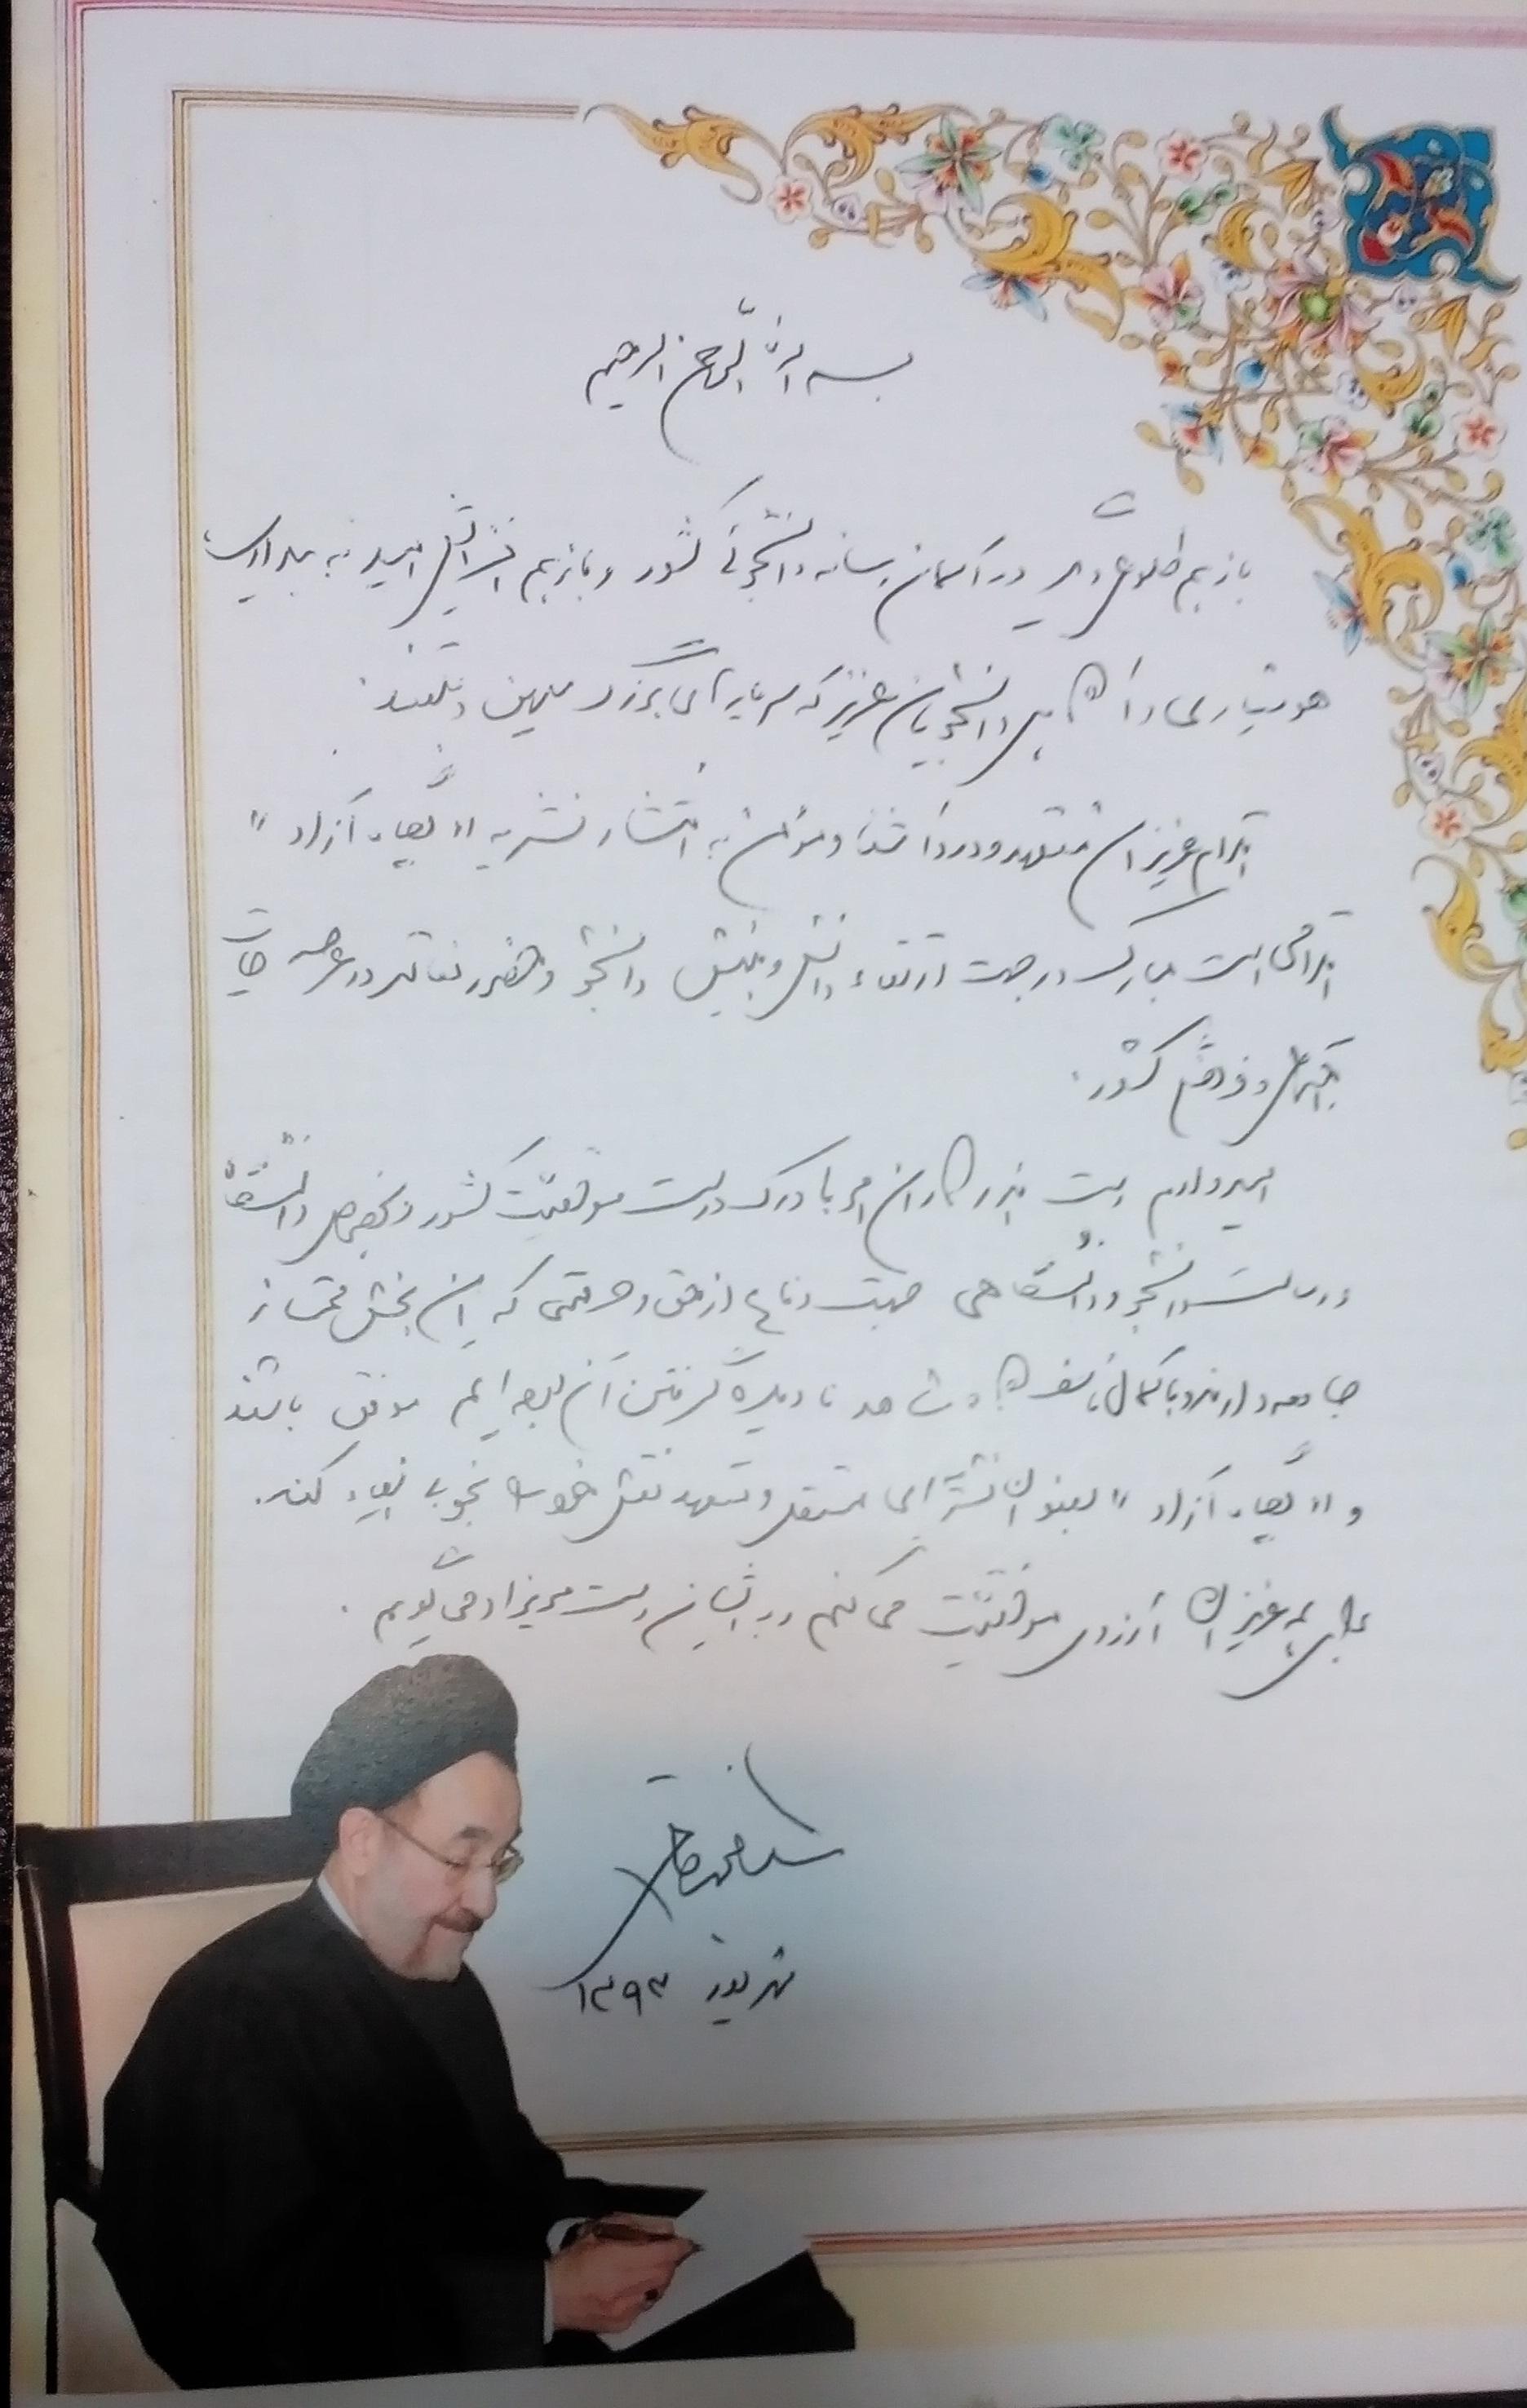 در سایه غفلت مسئولان صورت گرفت/حمایت آقازاده معروف از نشریه حامی فتنه+تصاویر